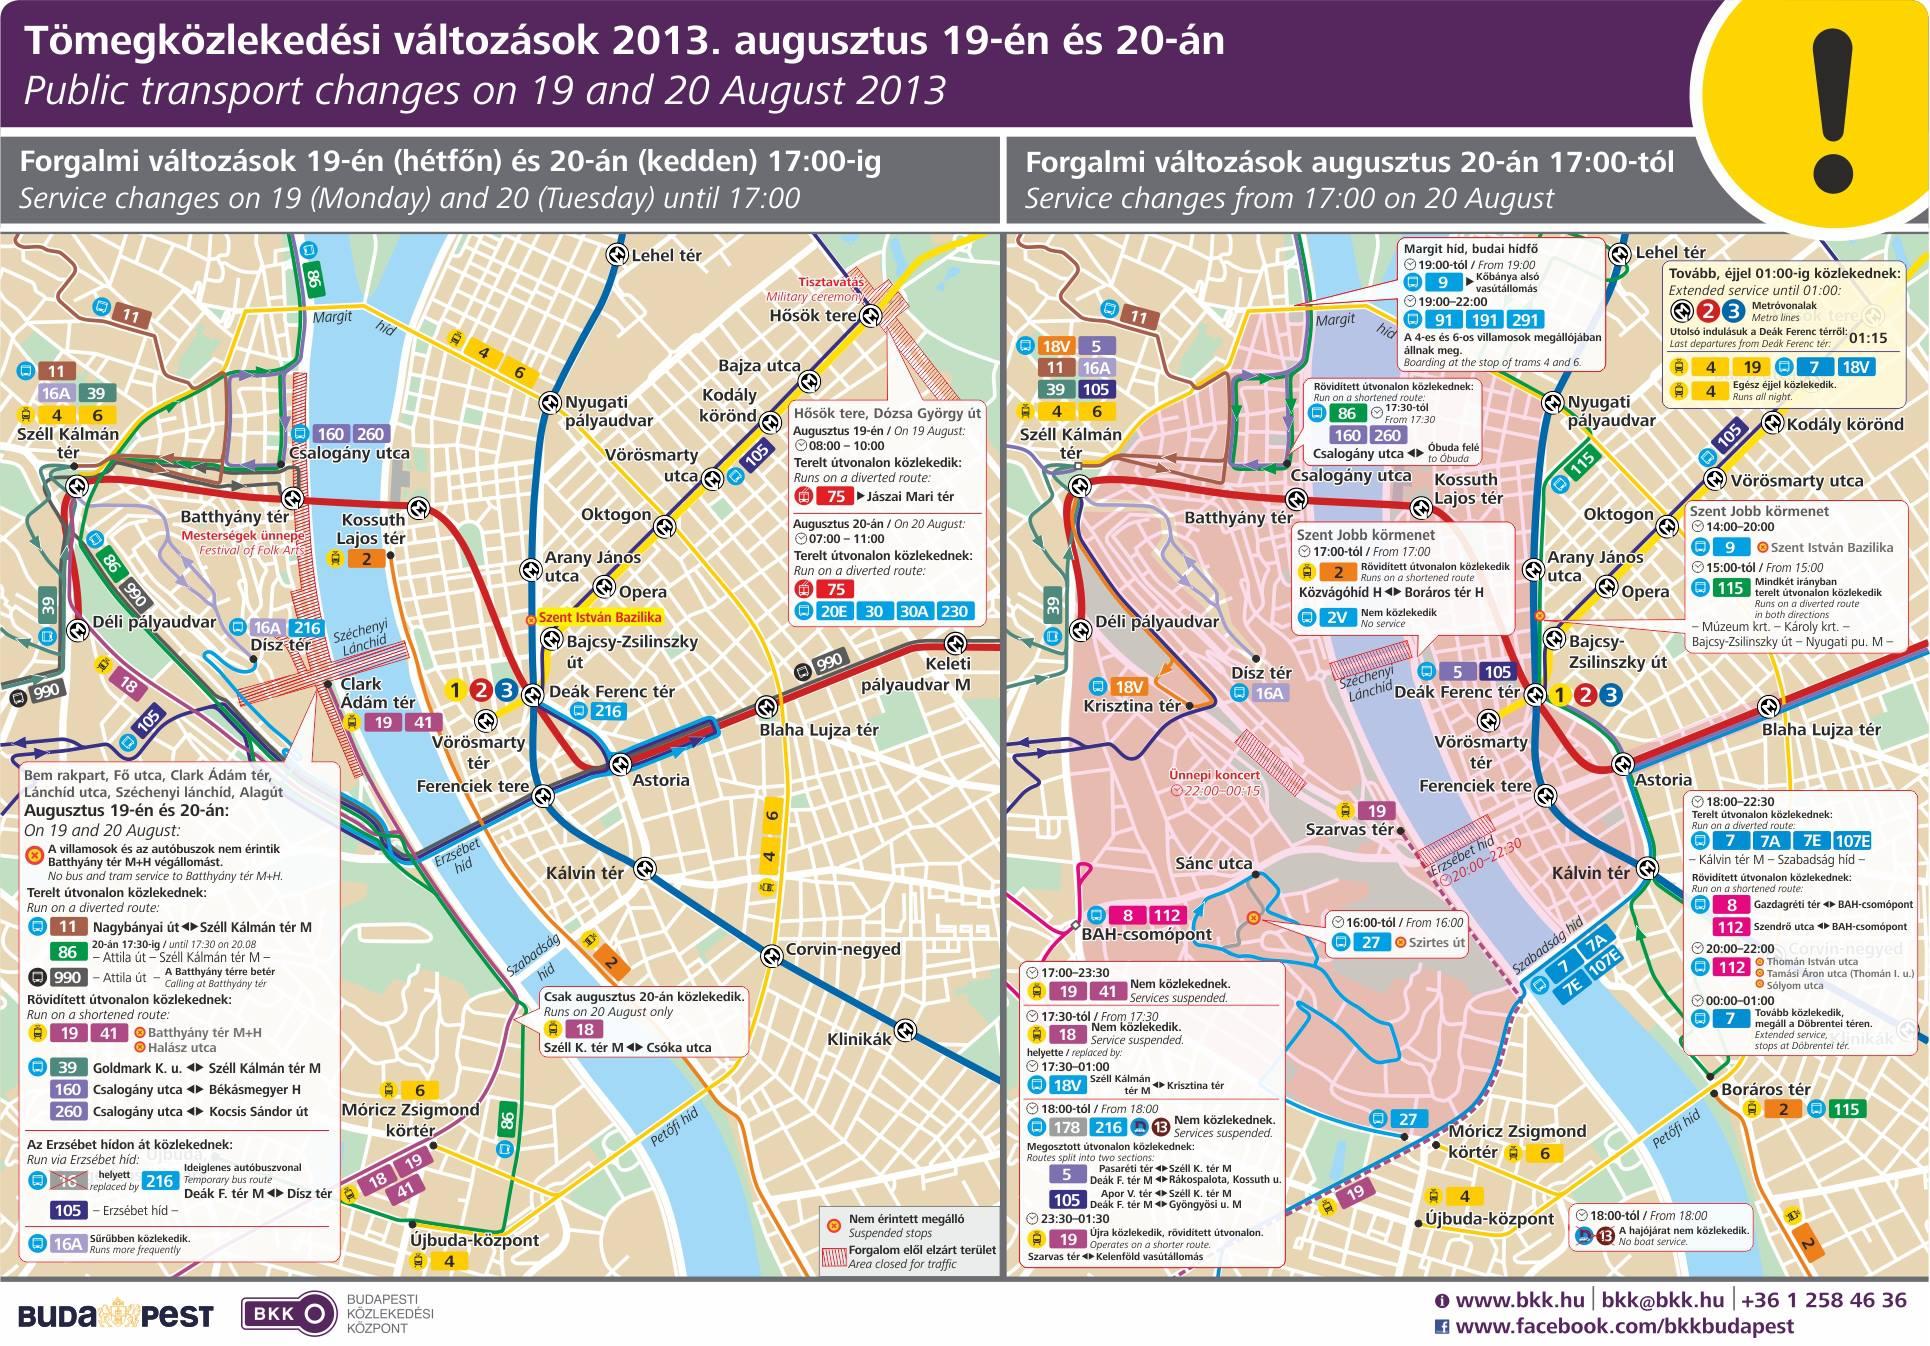 bp tömegközlekedési térkép IHO   Vasút   Ünnepi közlekedési bonyodalmak – térkép bp tömegközlekedési térkép